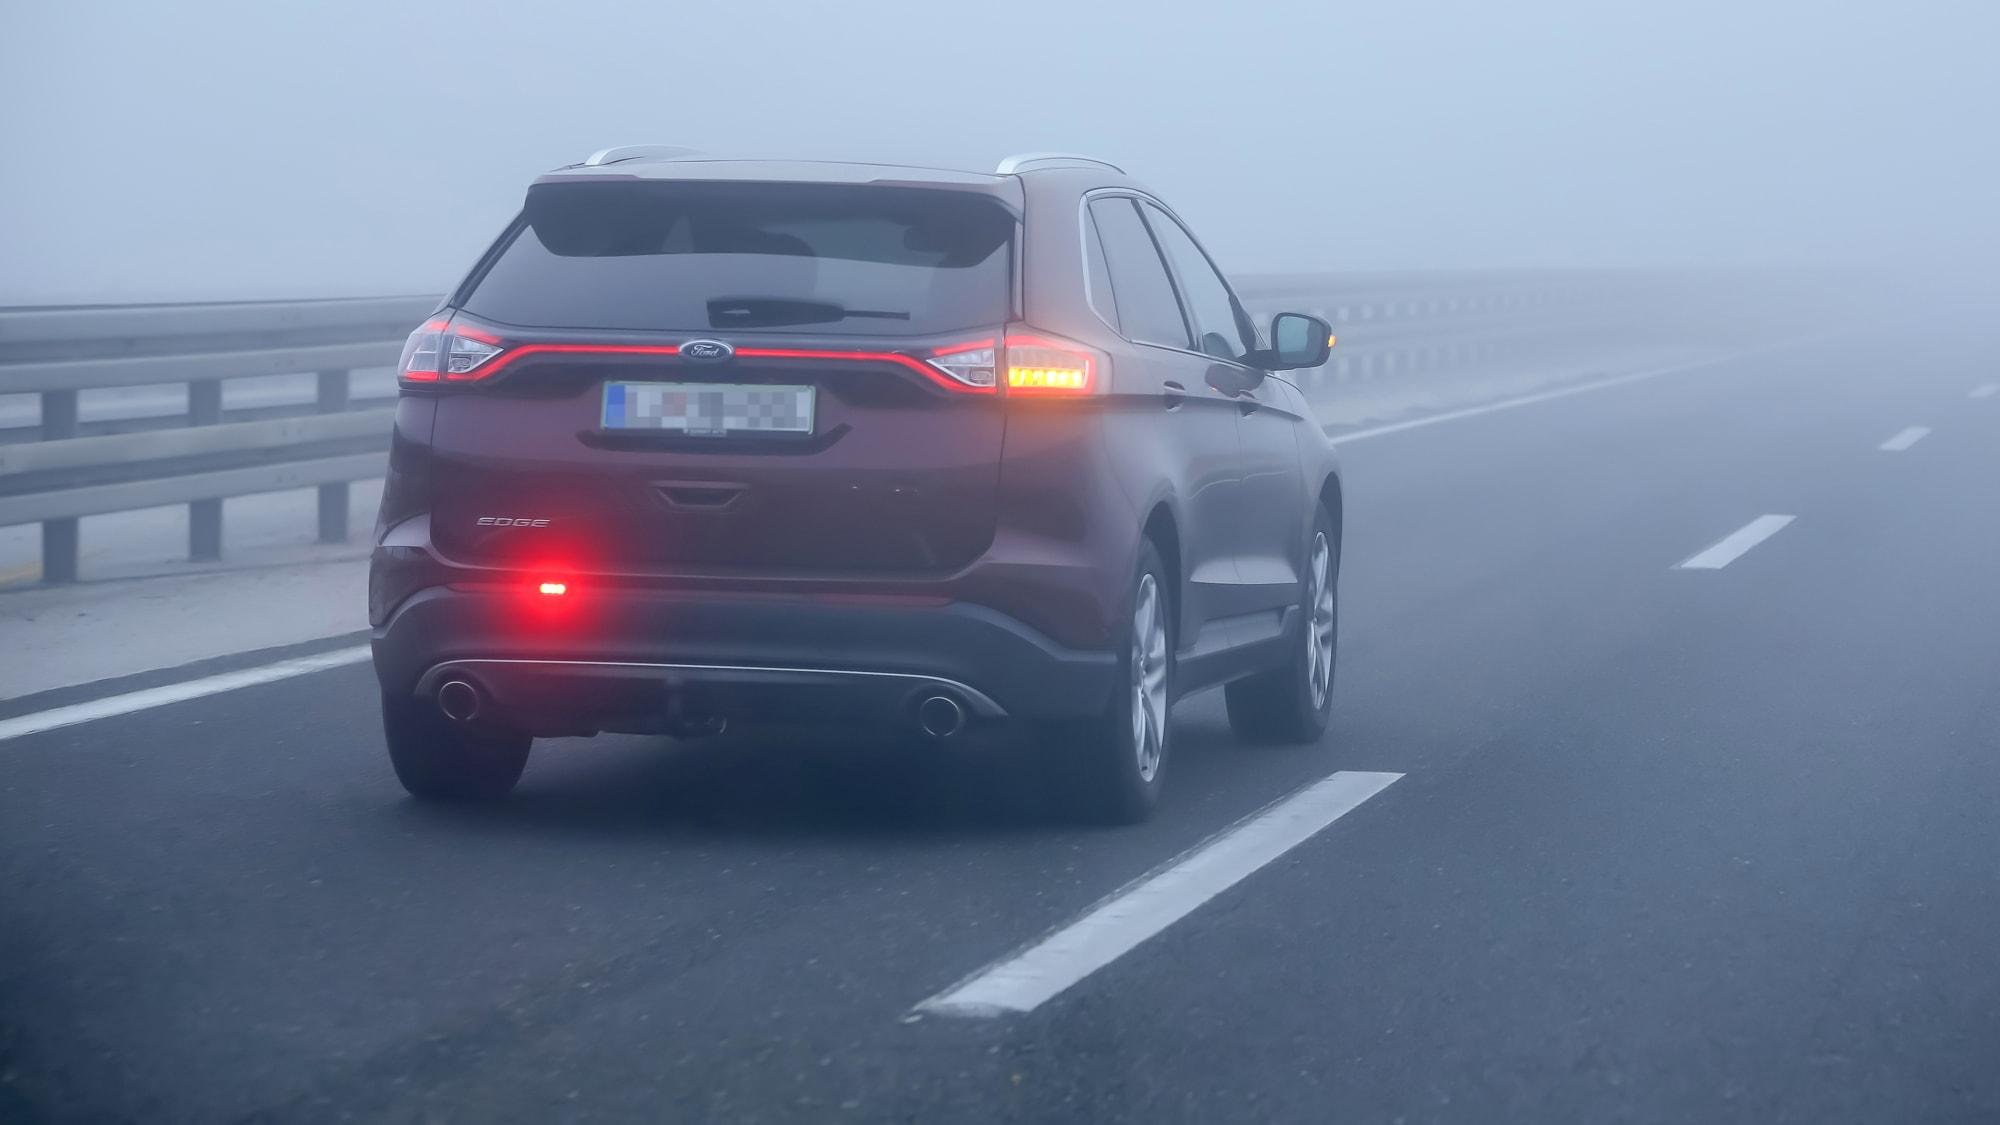 Nebelschlussleuchte Autobahn